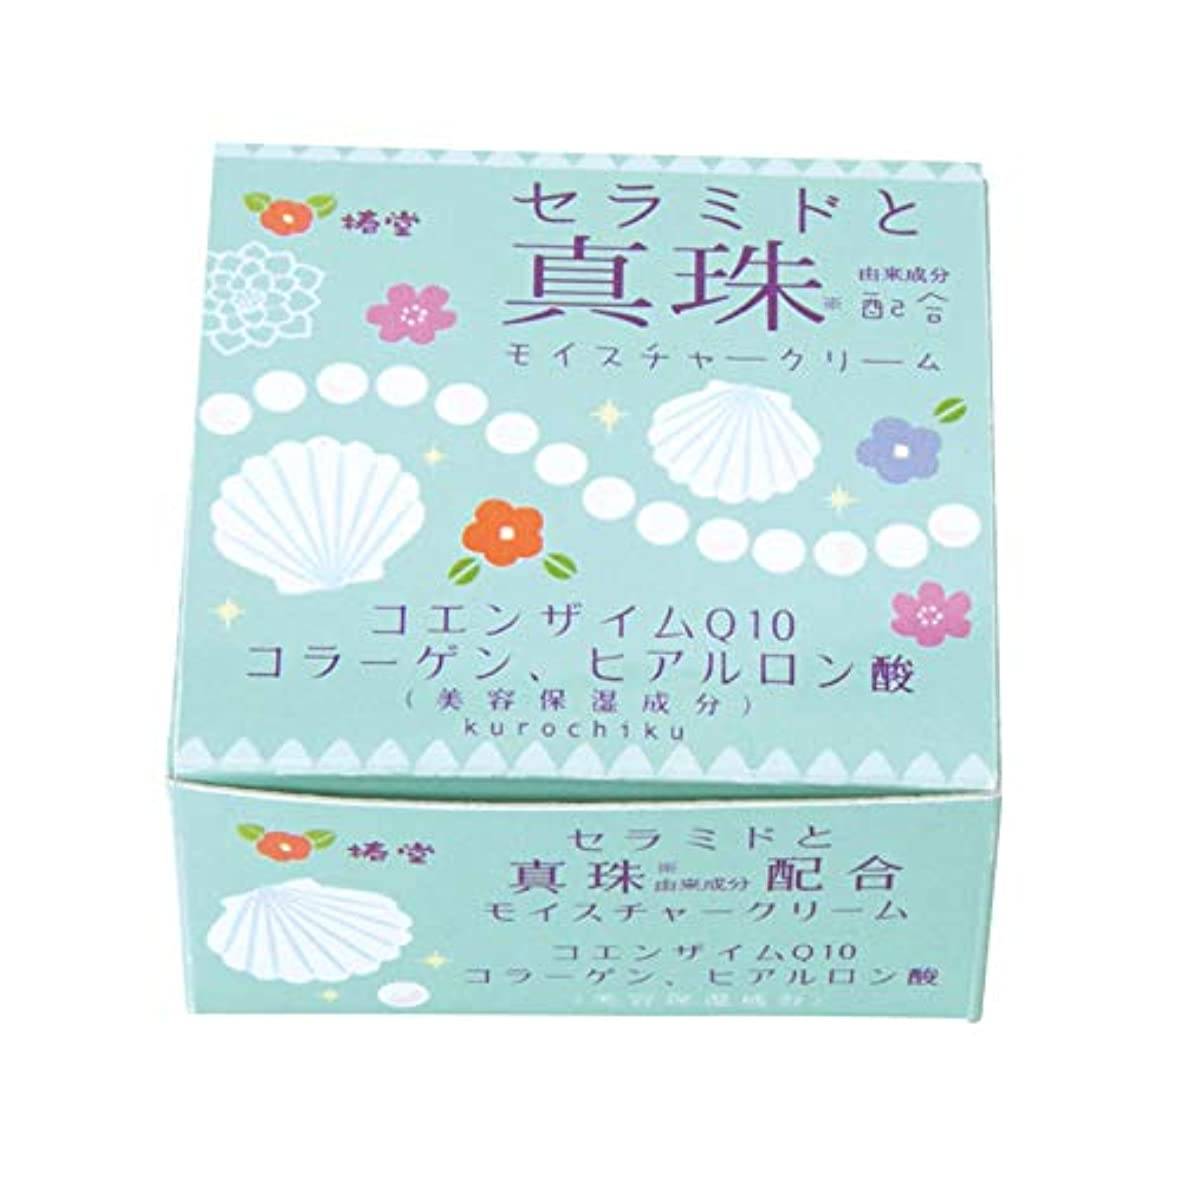 ピストル休憩する道路椿堂 真珠モイスチャークリーム (セラミドと真珠) 京都くろちく